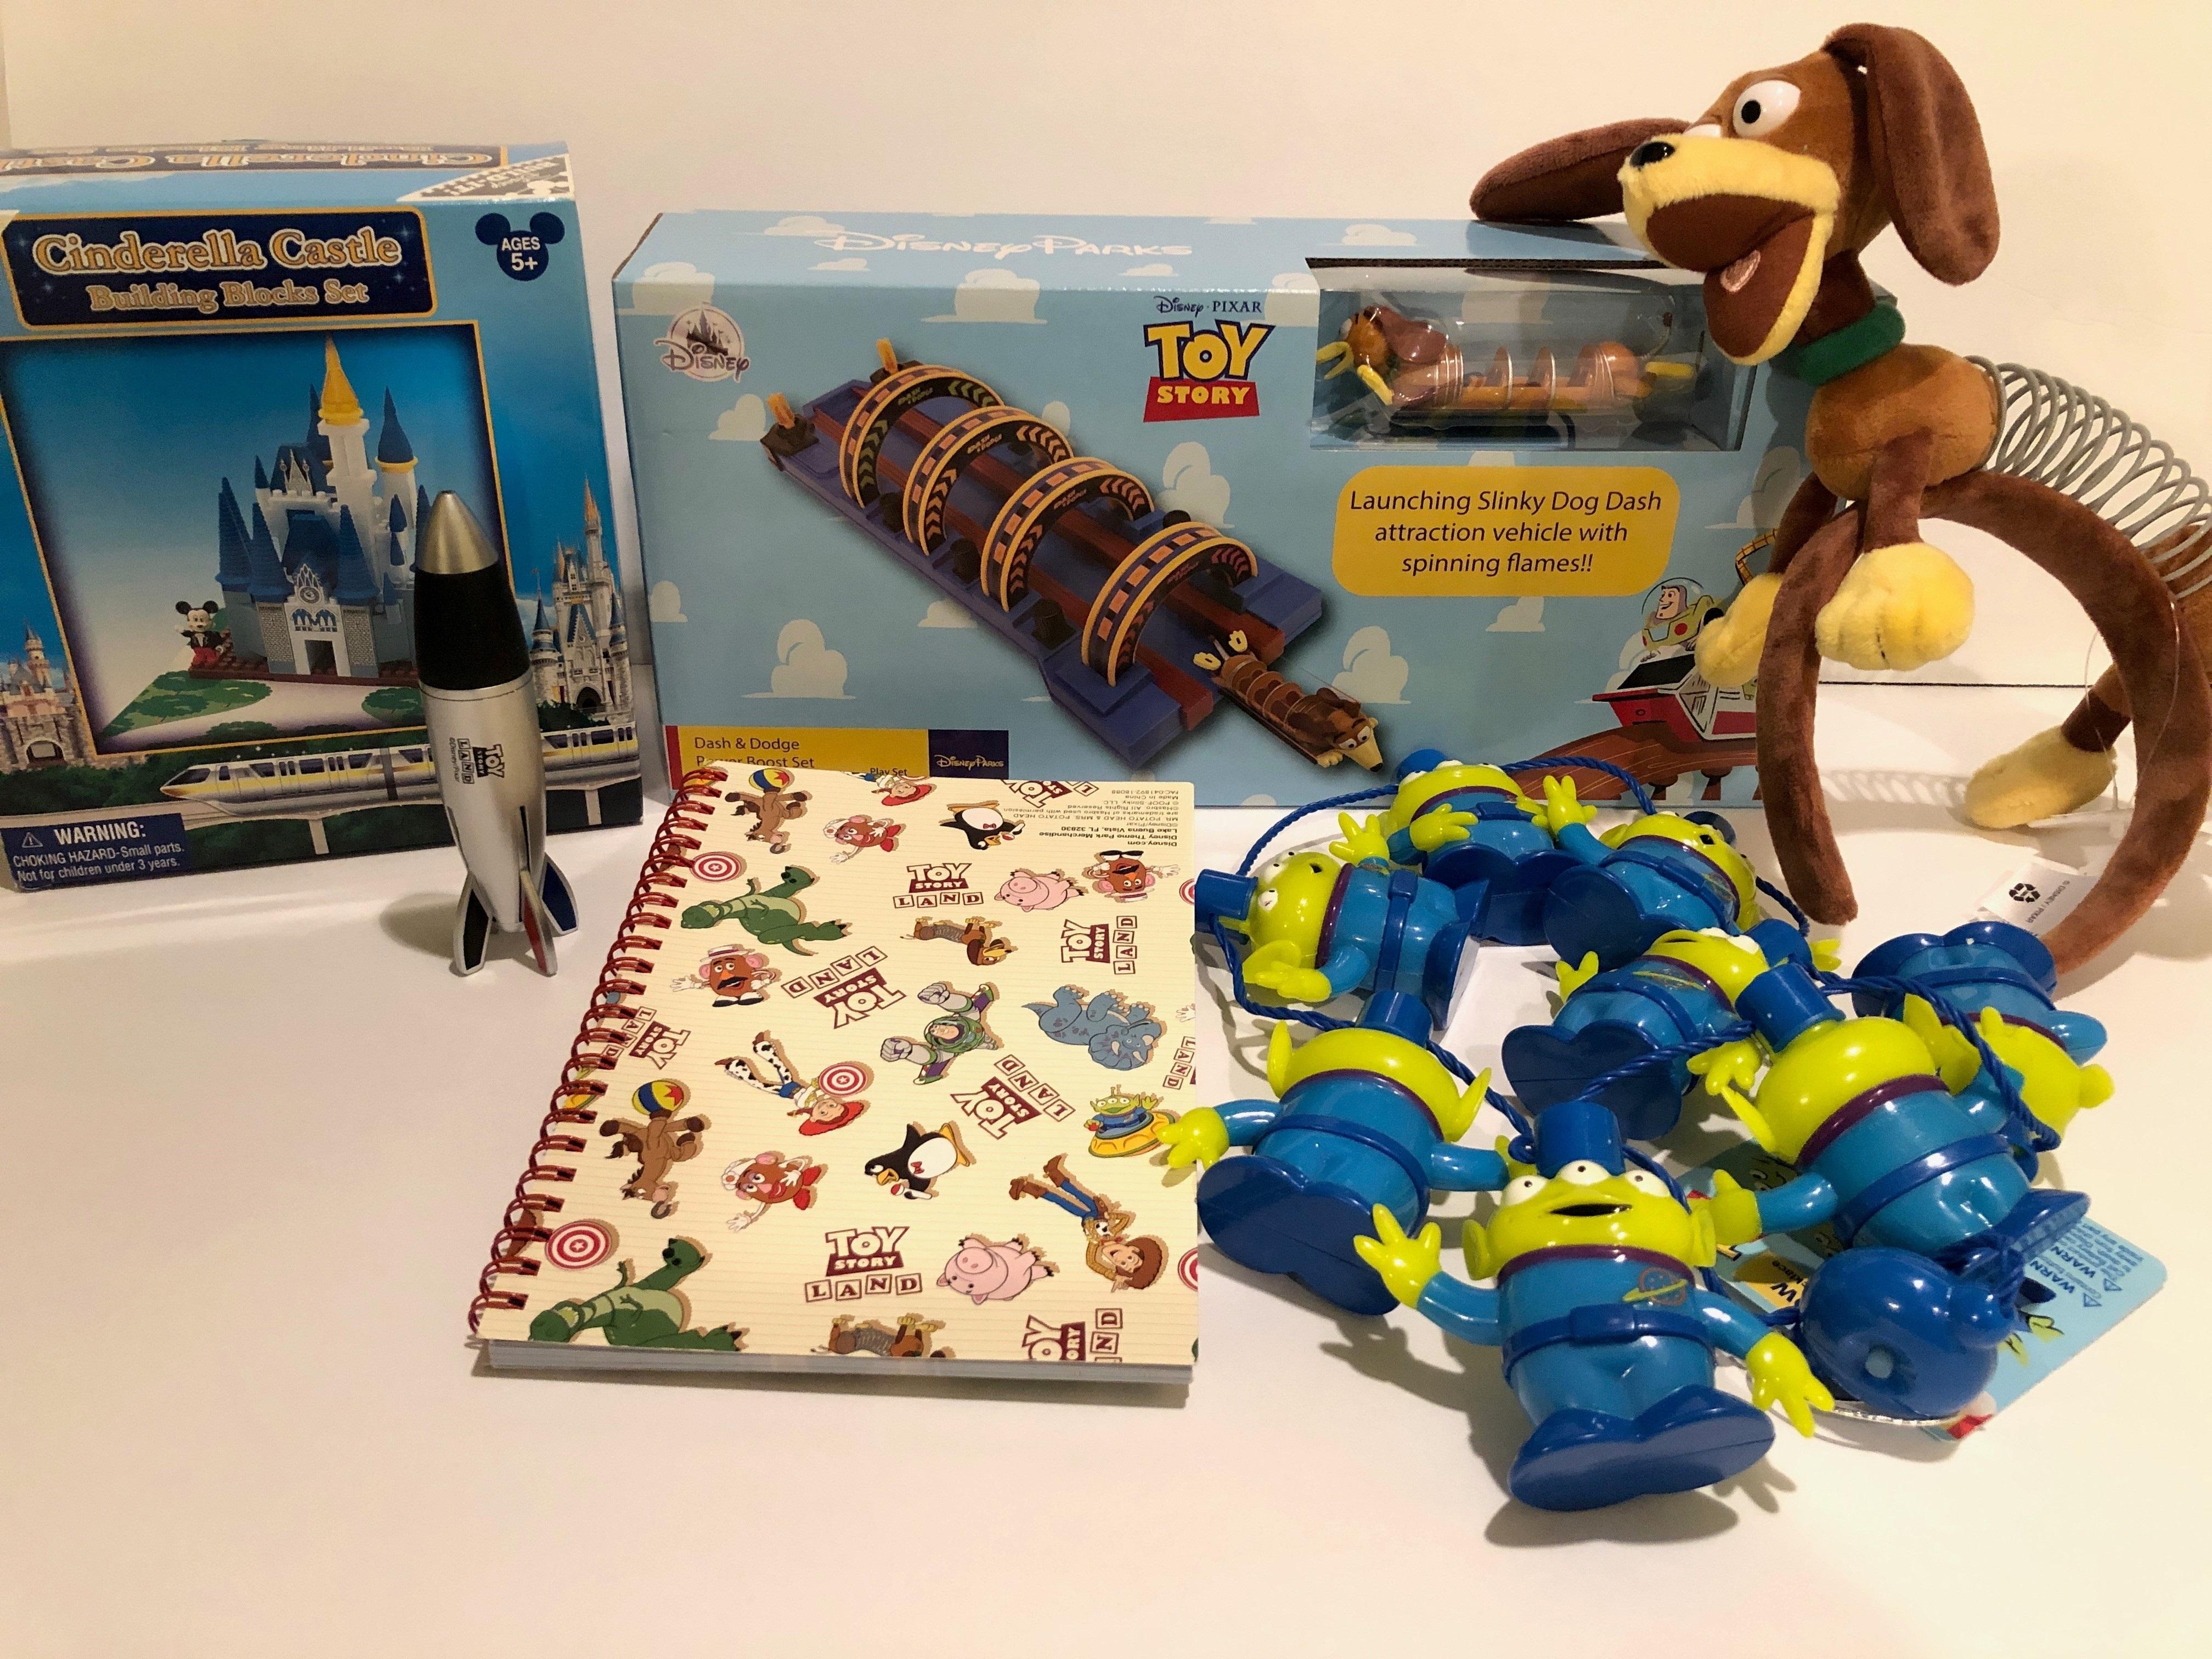 Toy story play set tmflt